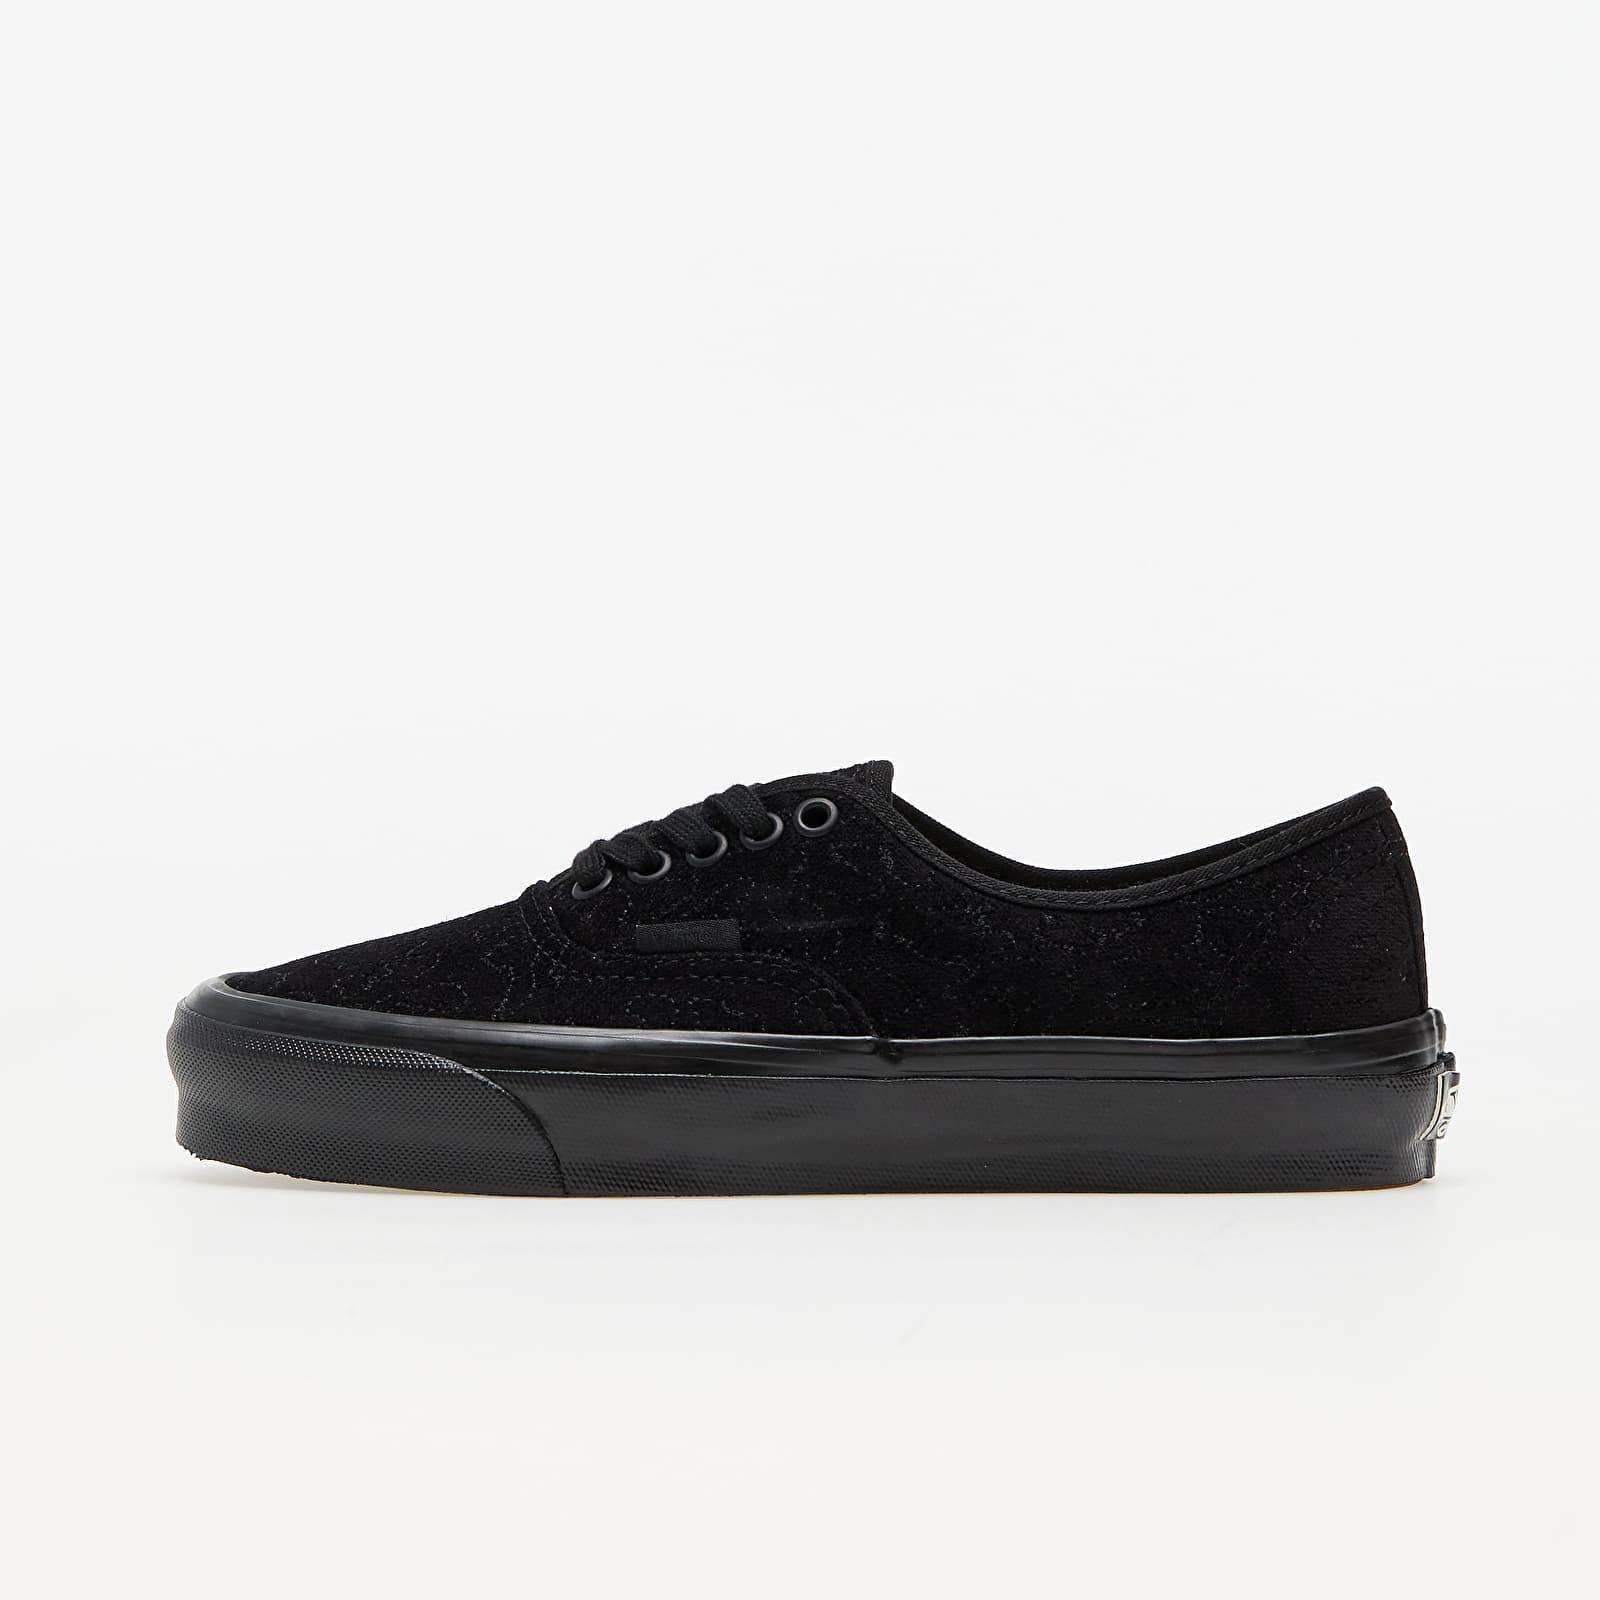 Vans Vault OG Authentic LX (Velvet Embroidery) Black/ Black